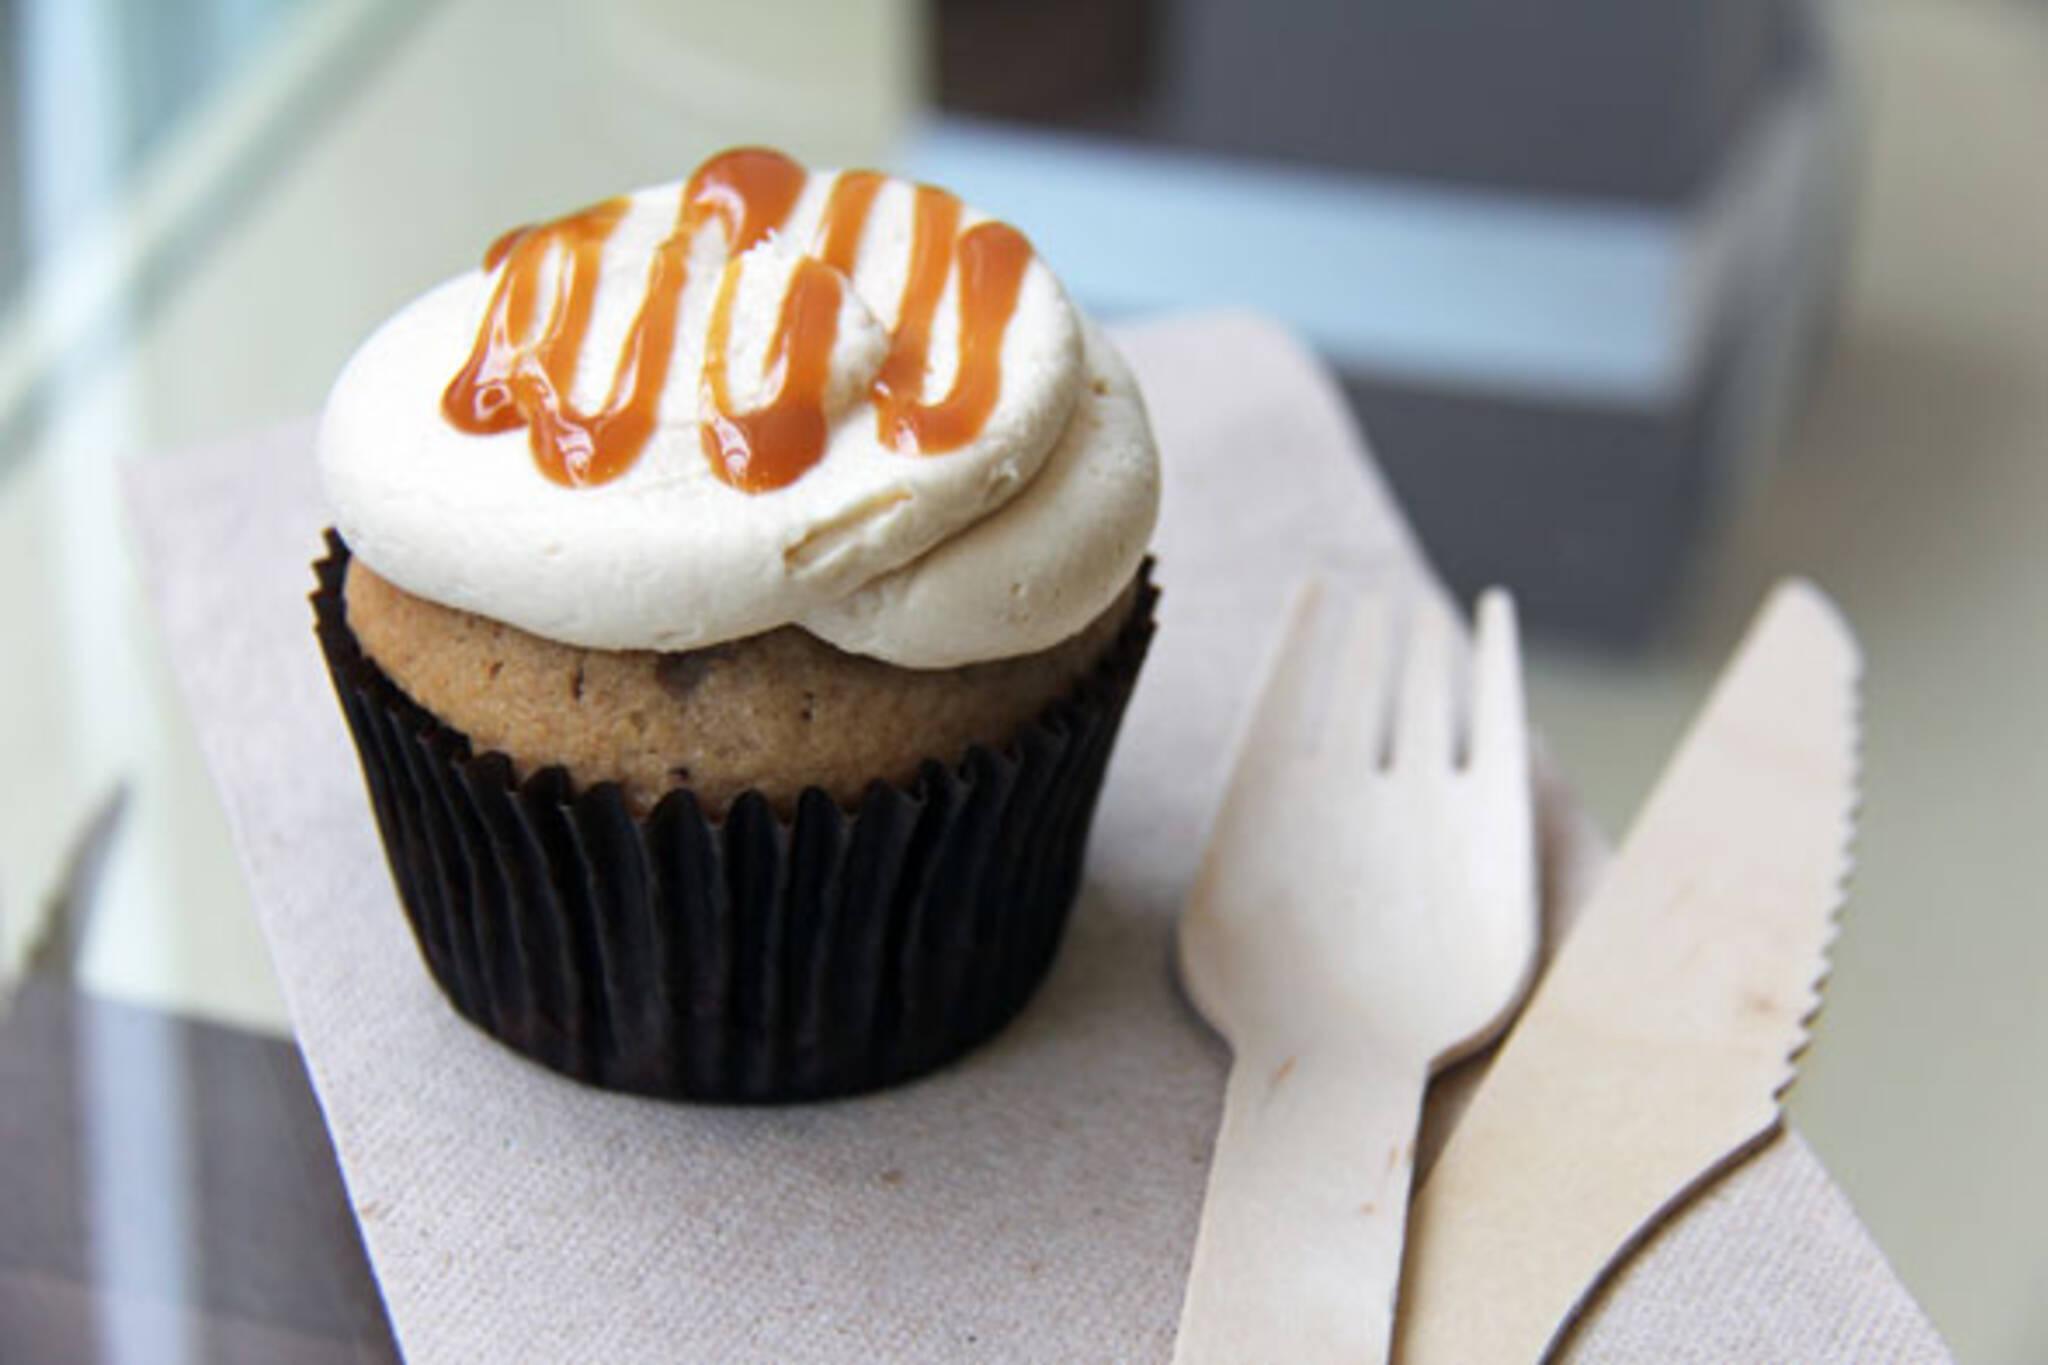 dlish cupcakes yorkville toronto